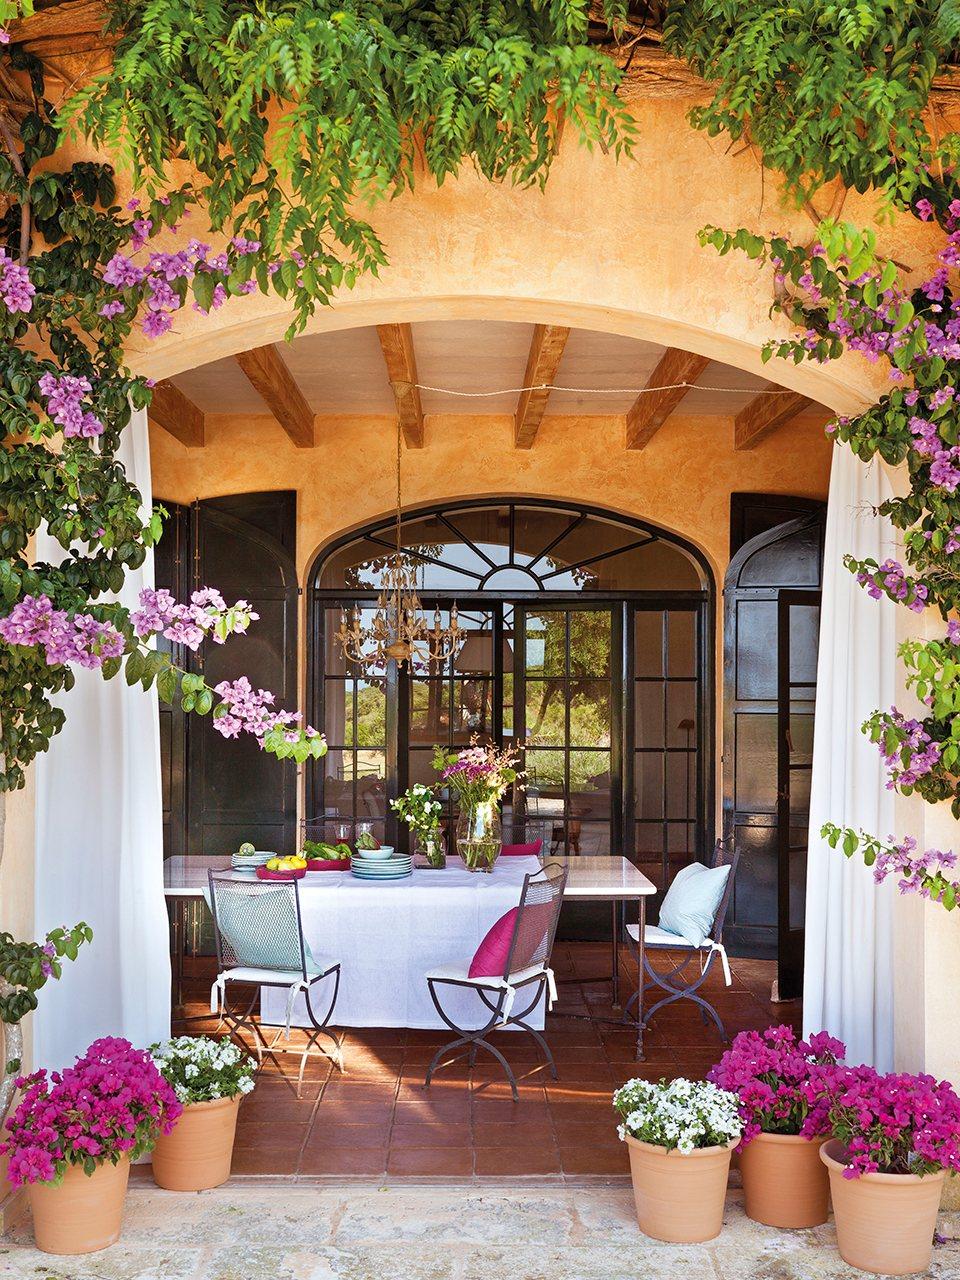 5 comedores de verano - Ideas para decorar el porche de la casa ...